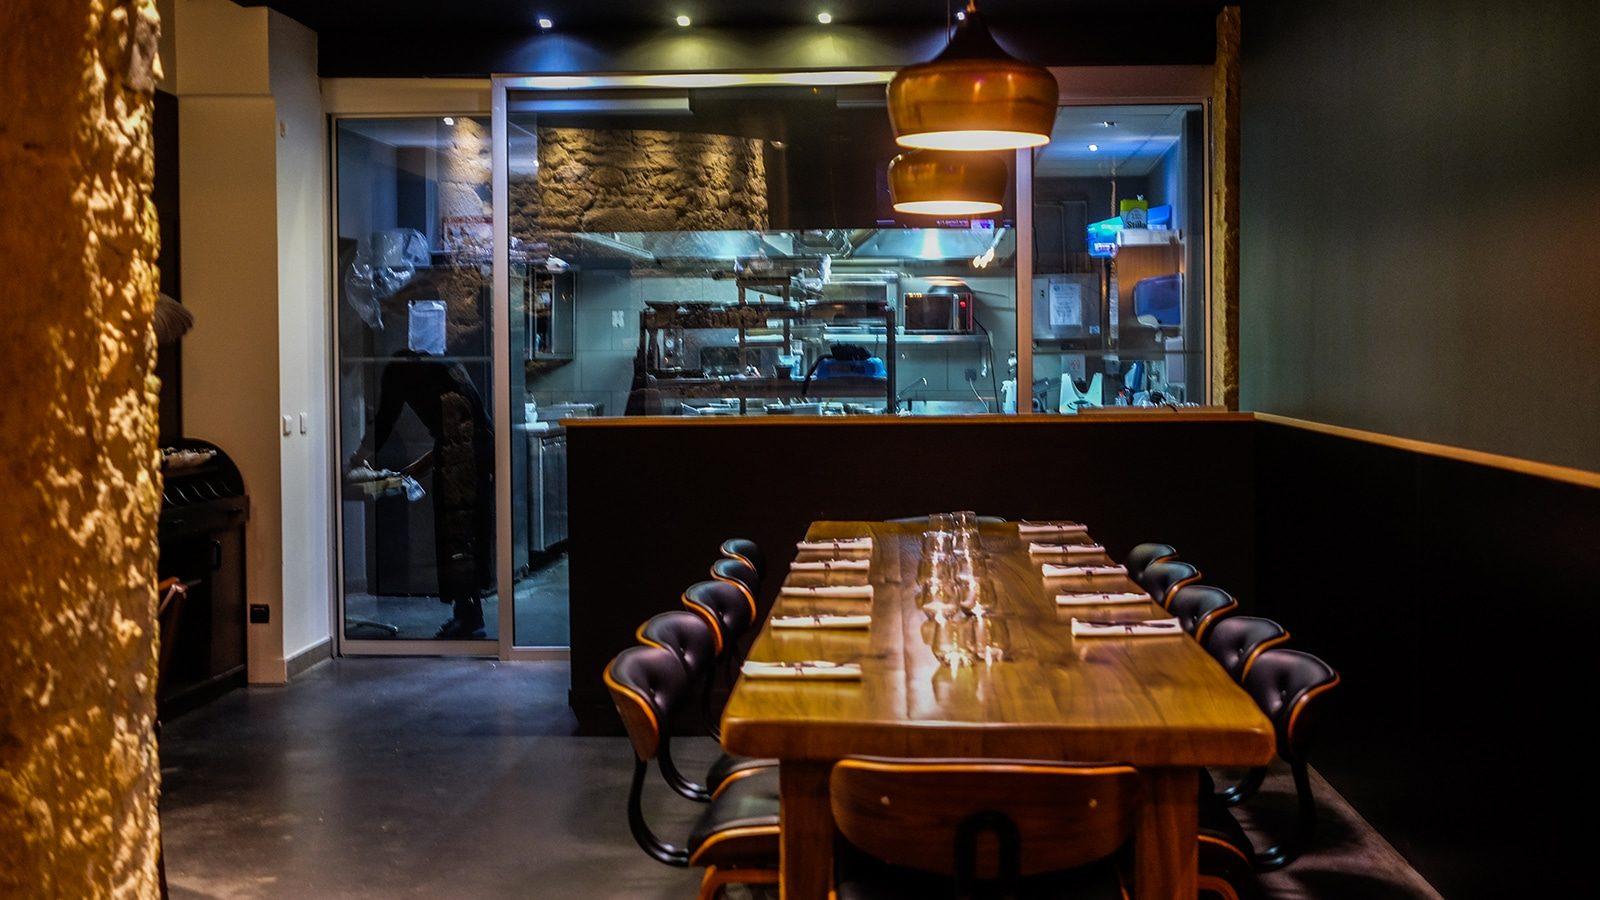 Lyon's Gastro Pub, lieu incontournable des afterworks lyonnais